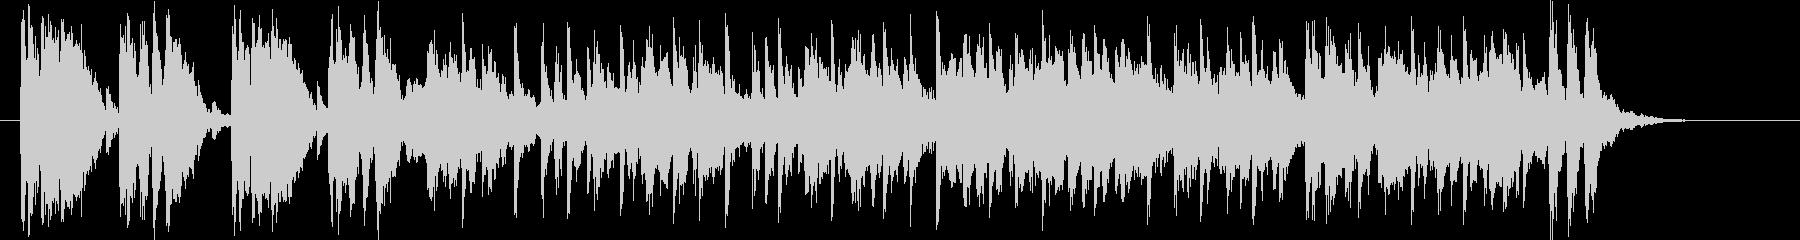 激しくテンションアップの音楽の未再生の波形